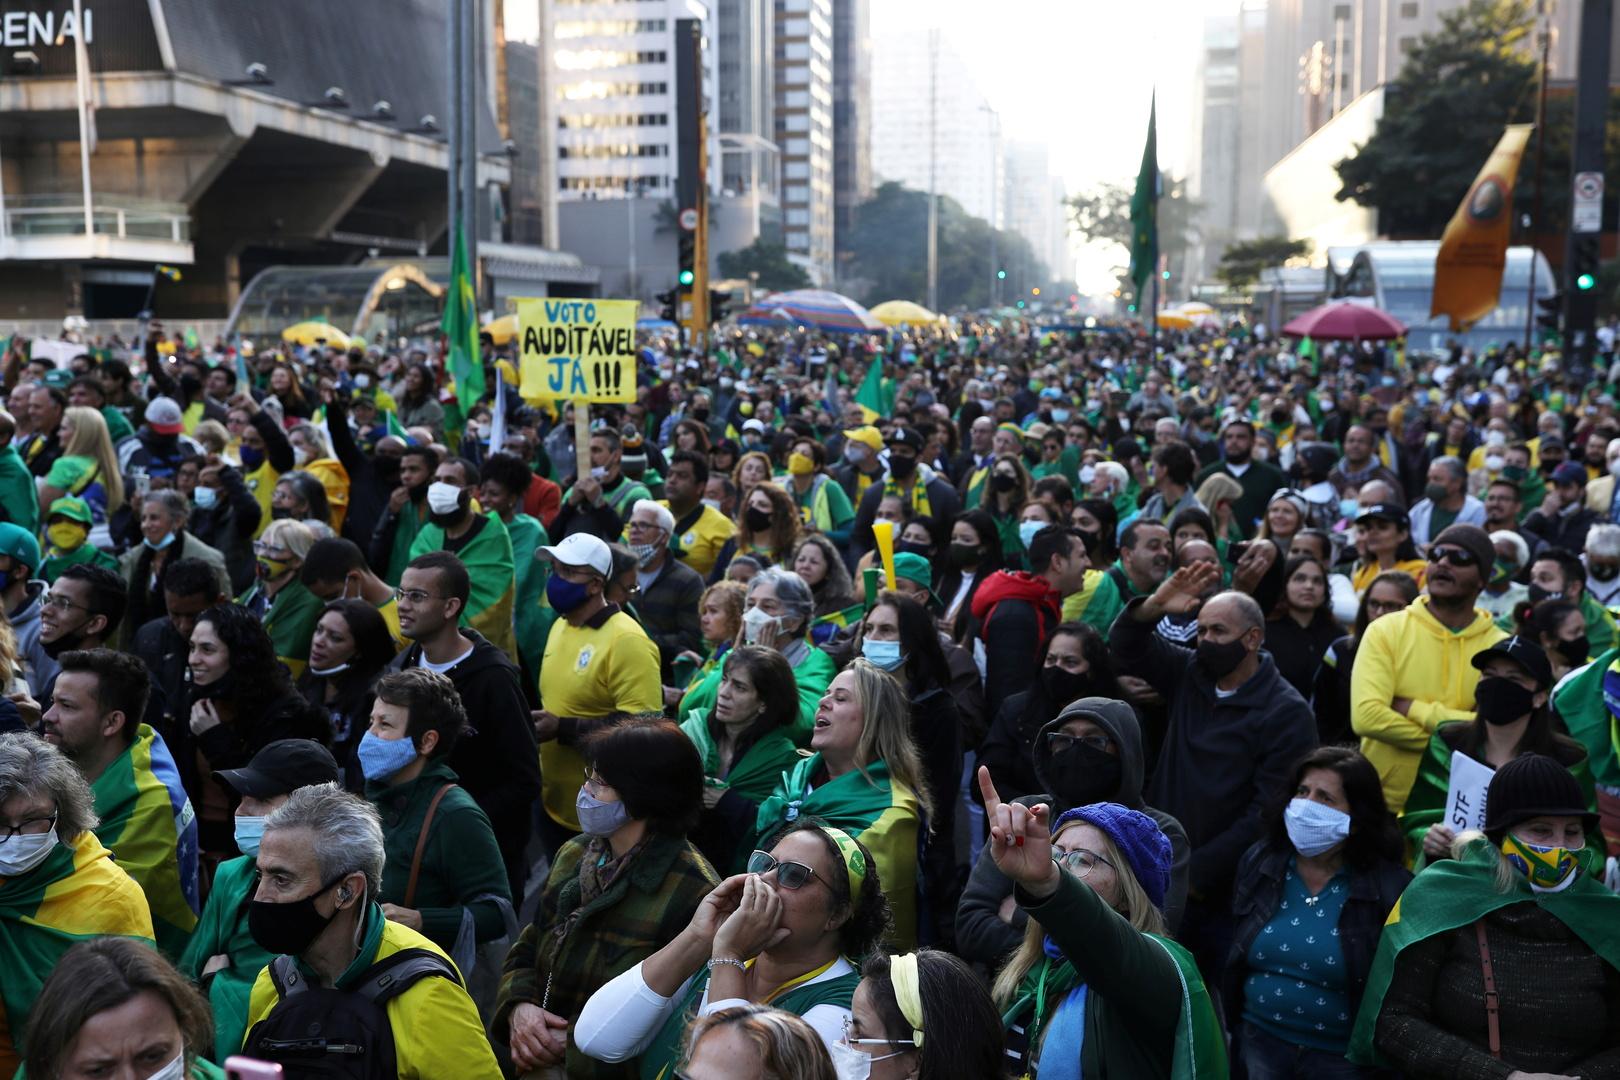 مؤيدون للرئيس البرازيلي جايير بولسونارو يتظاهرون في سان باولو، البرازيل، 1 أغسطس 2021